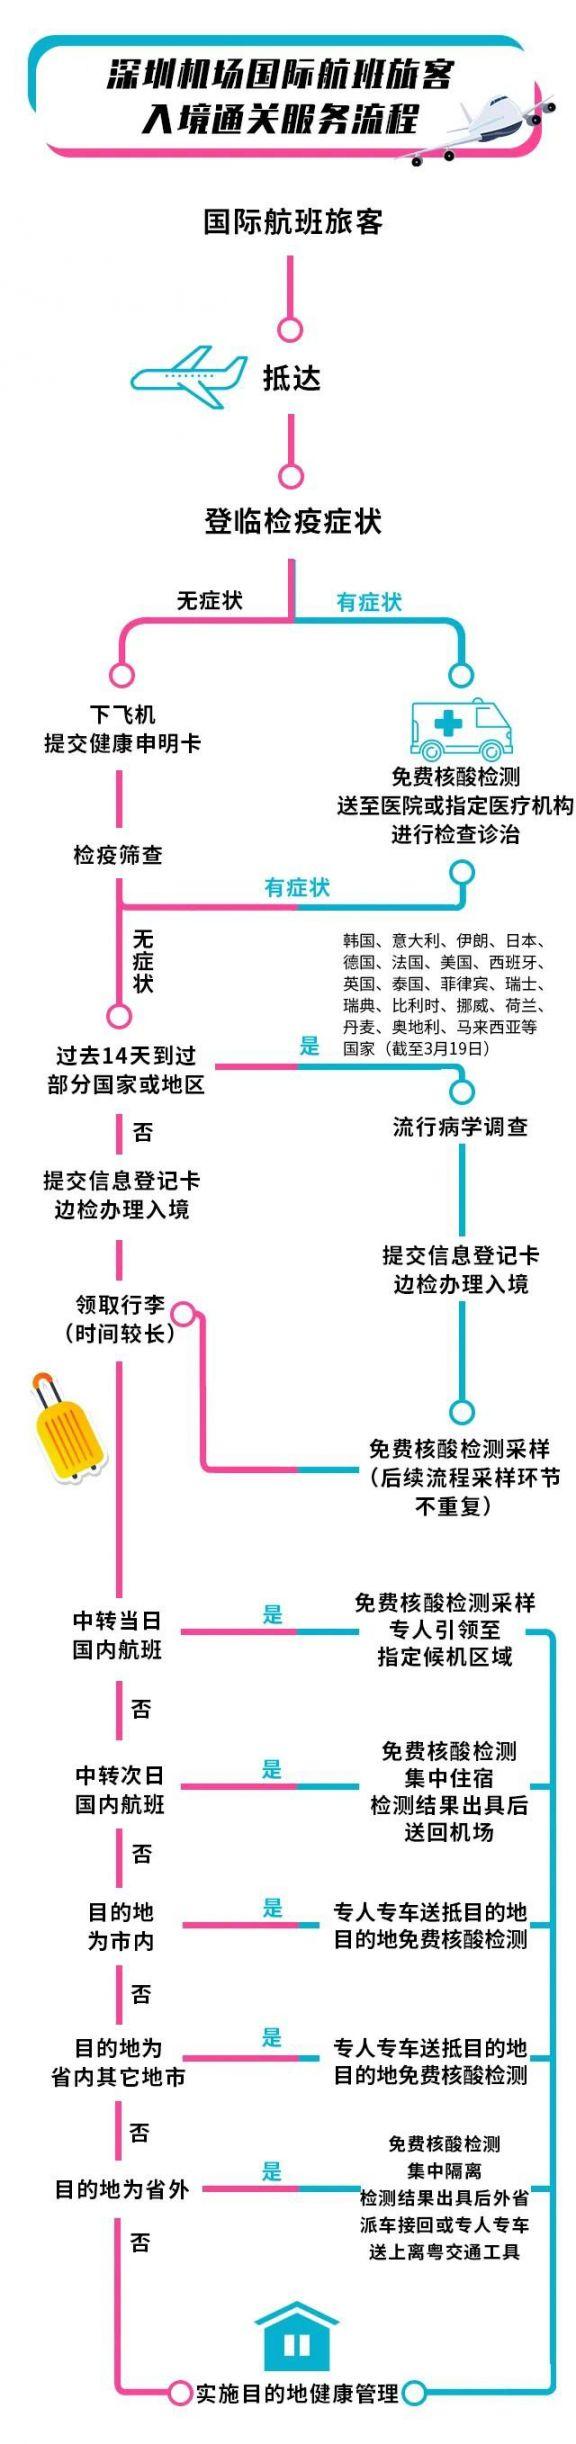 从深圳机场、深圳湾口岸入境后怎么检疫(通关流程指引图)